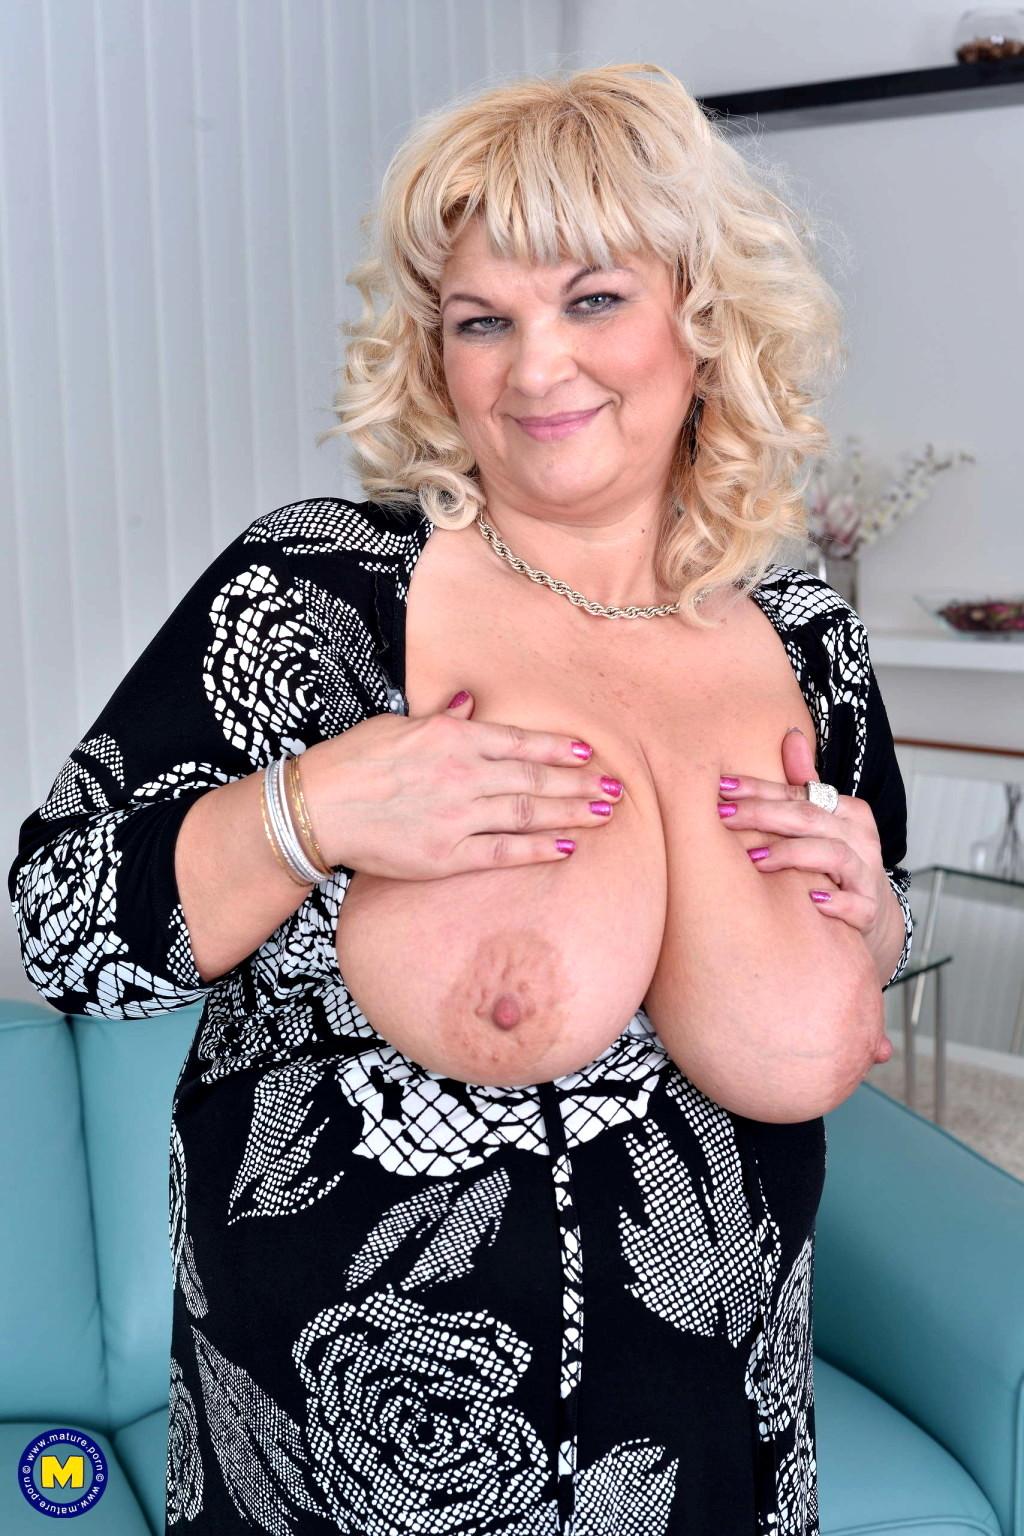 Latina mature sex pics-3145